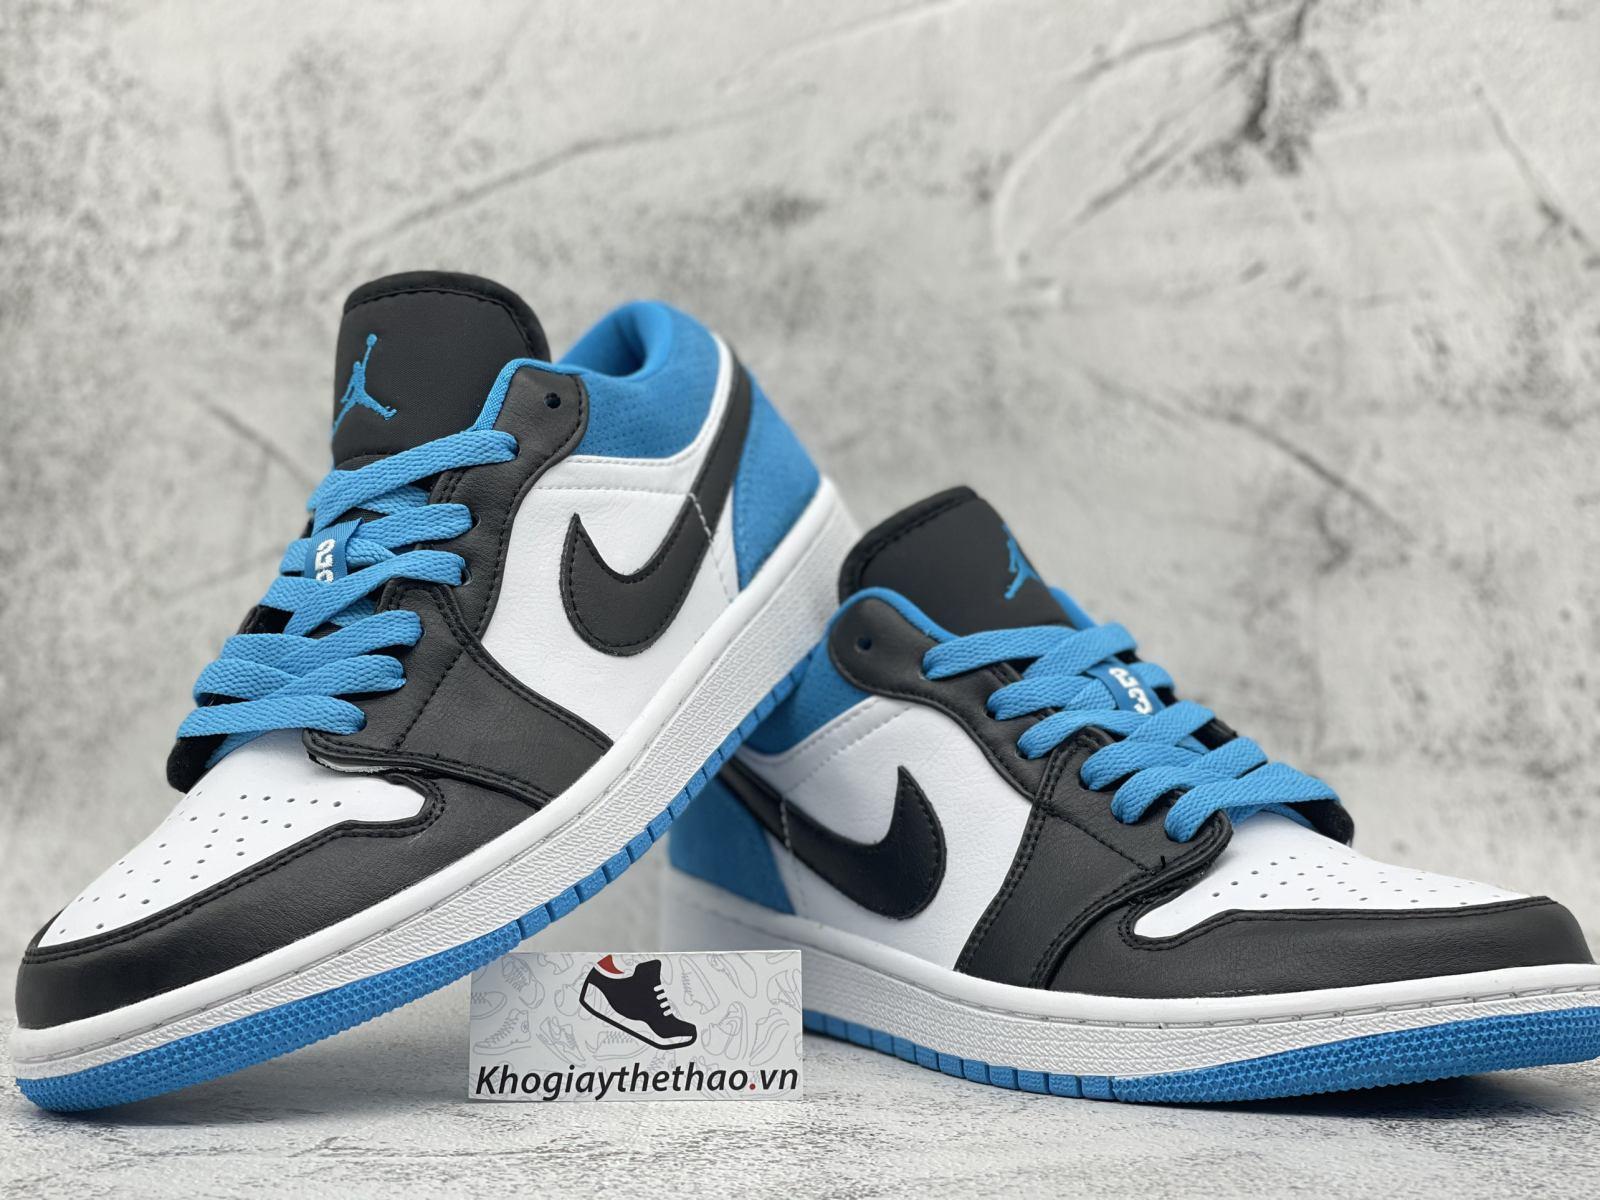 Giày Jordan 1 Low Laser Blue